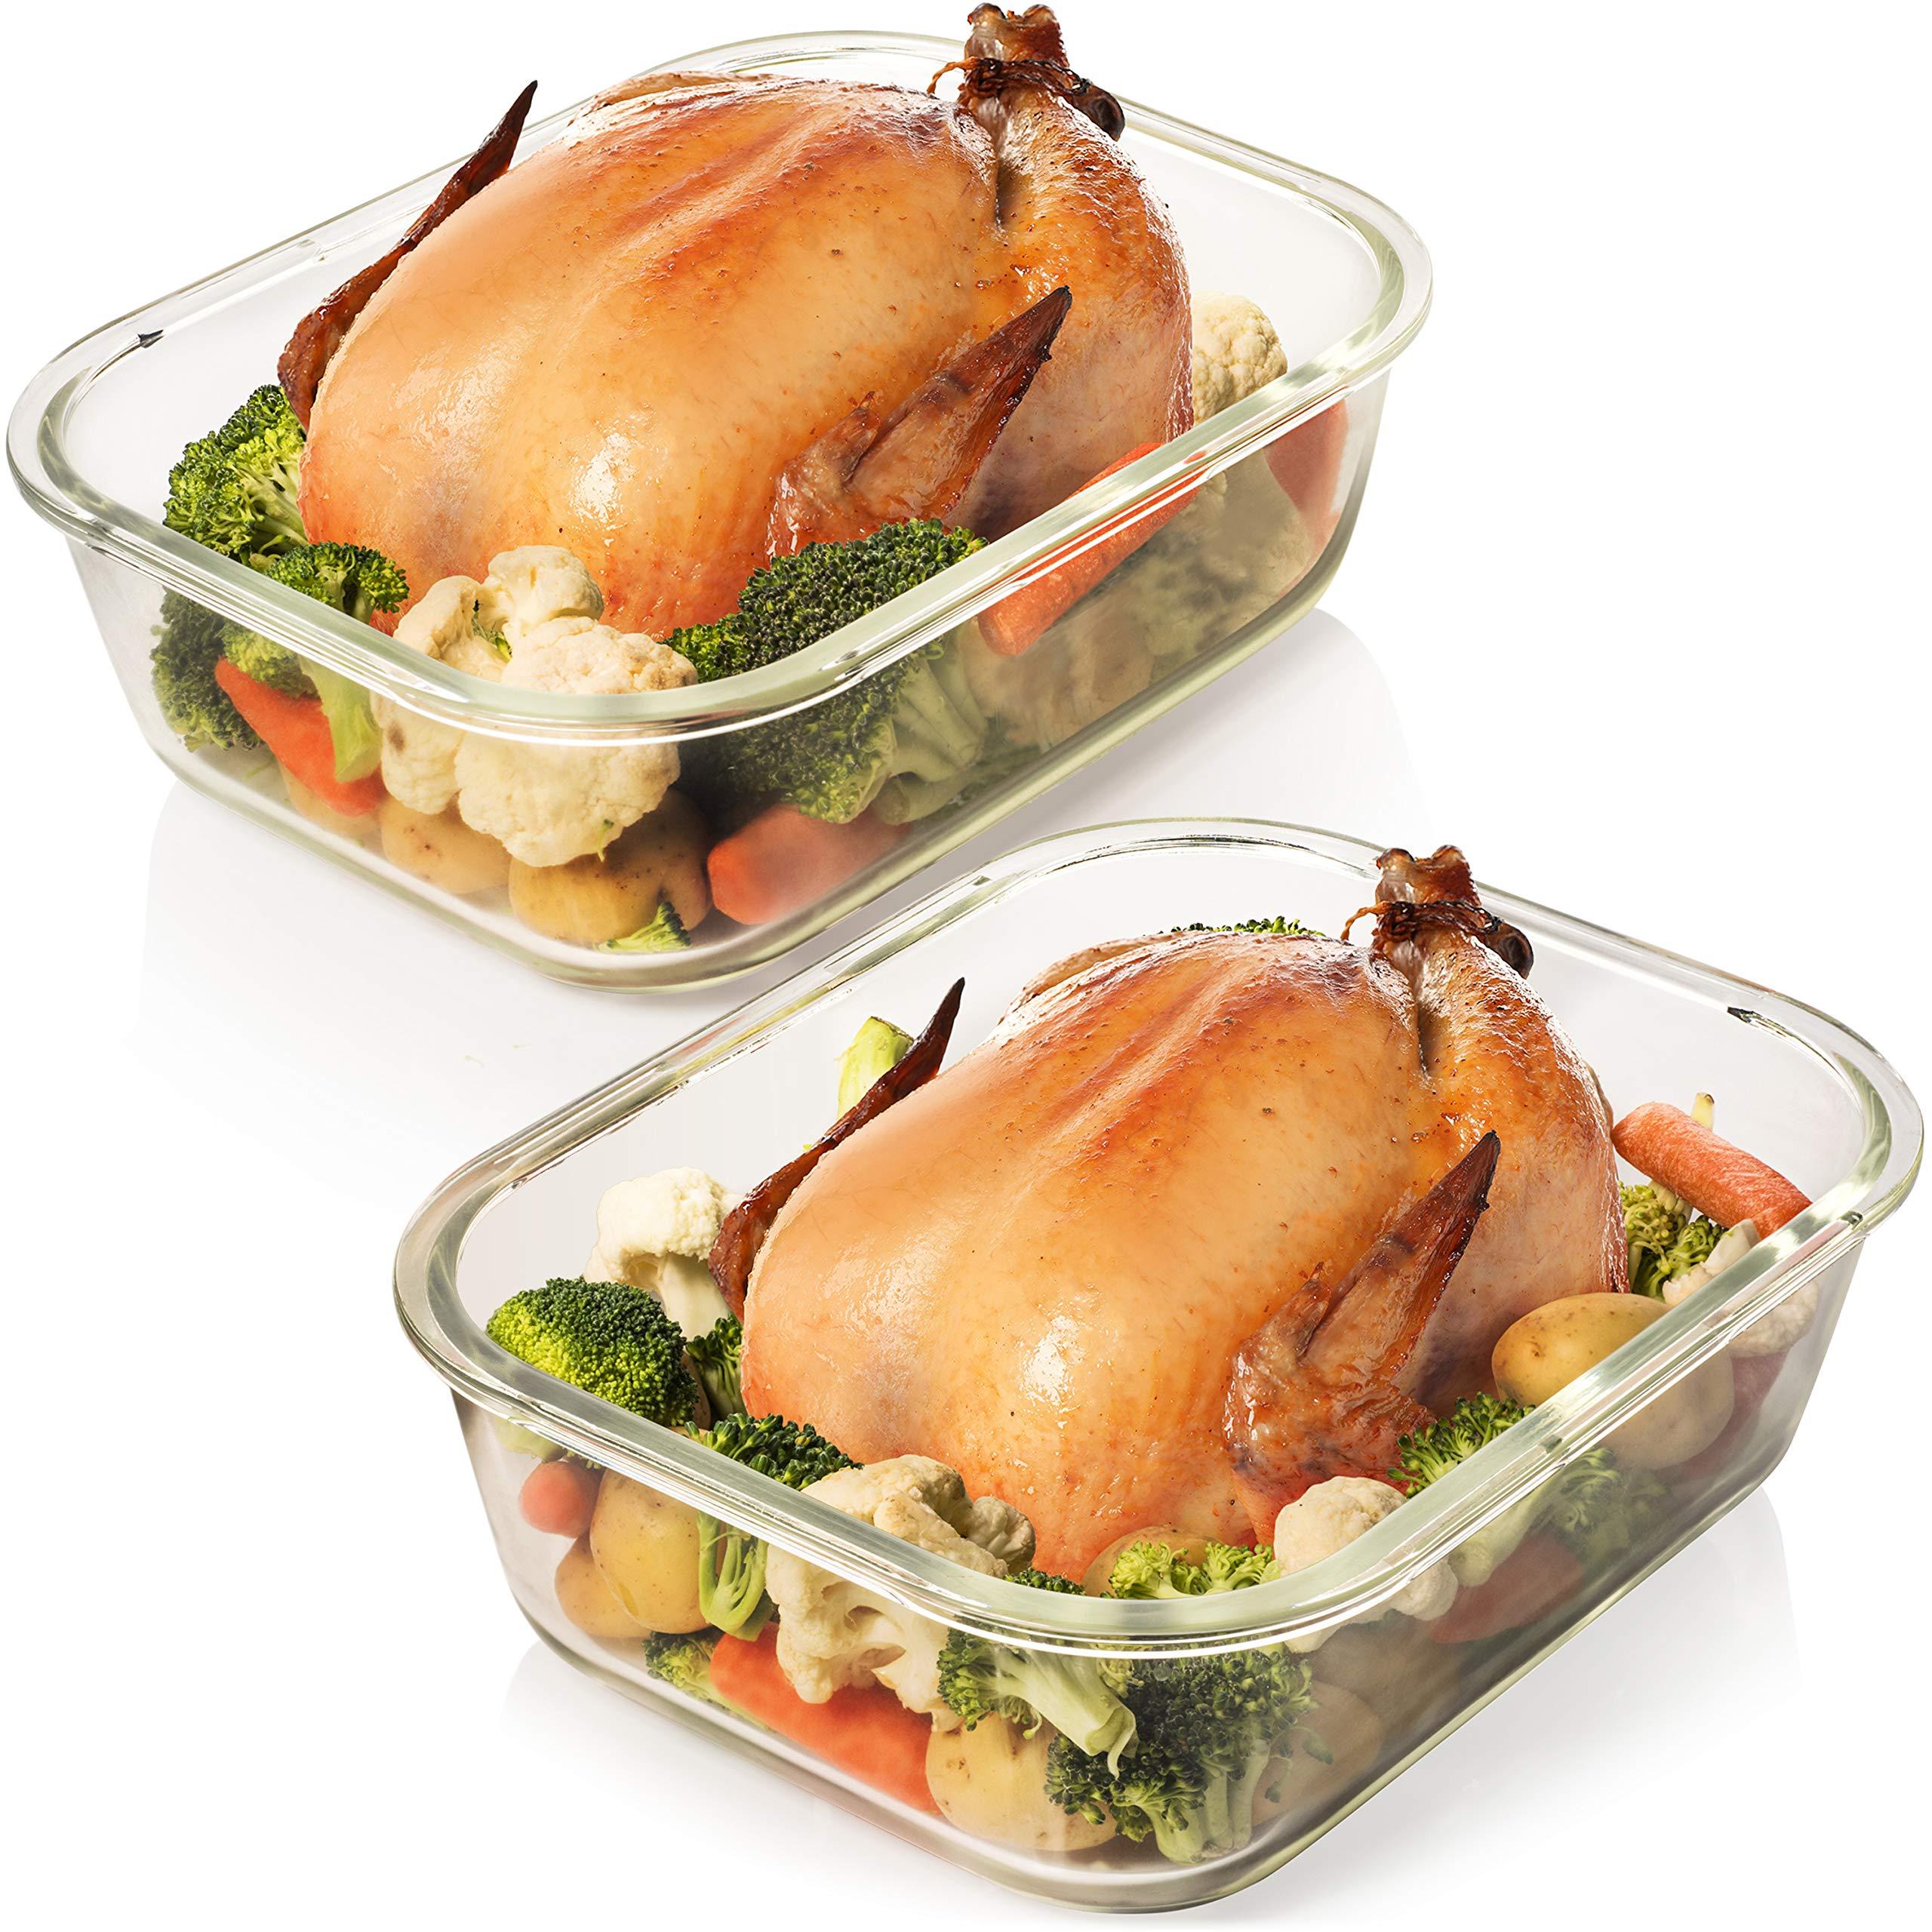 Razab 10 Cups 80 Oz 4 Pc Set Of 2 Glass Food Storage